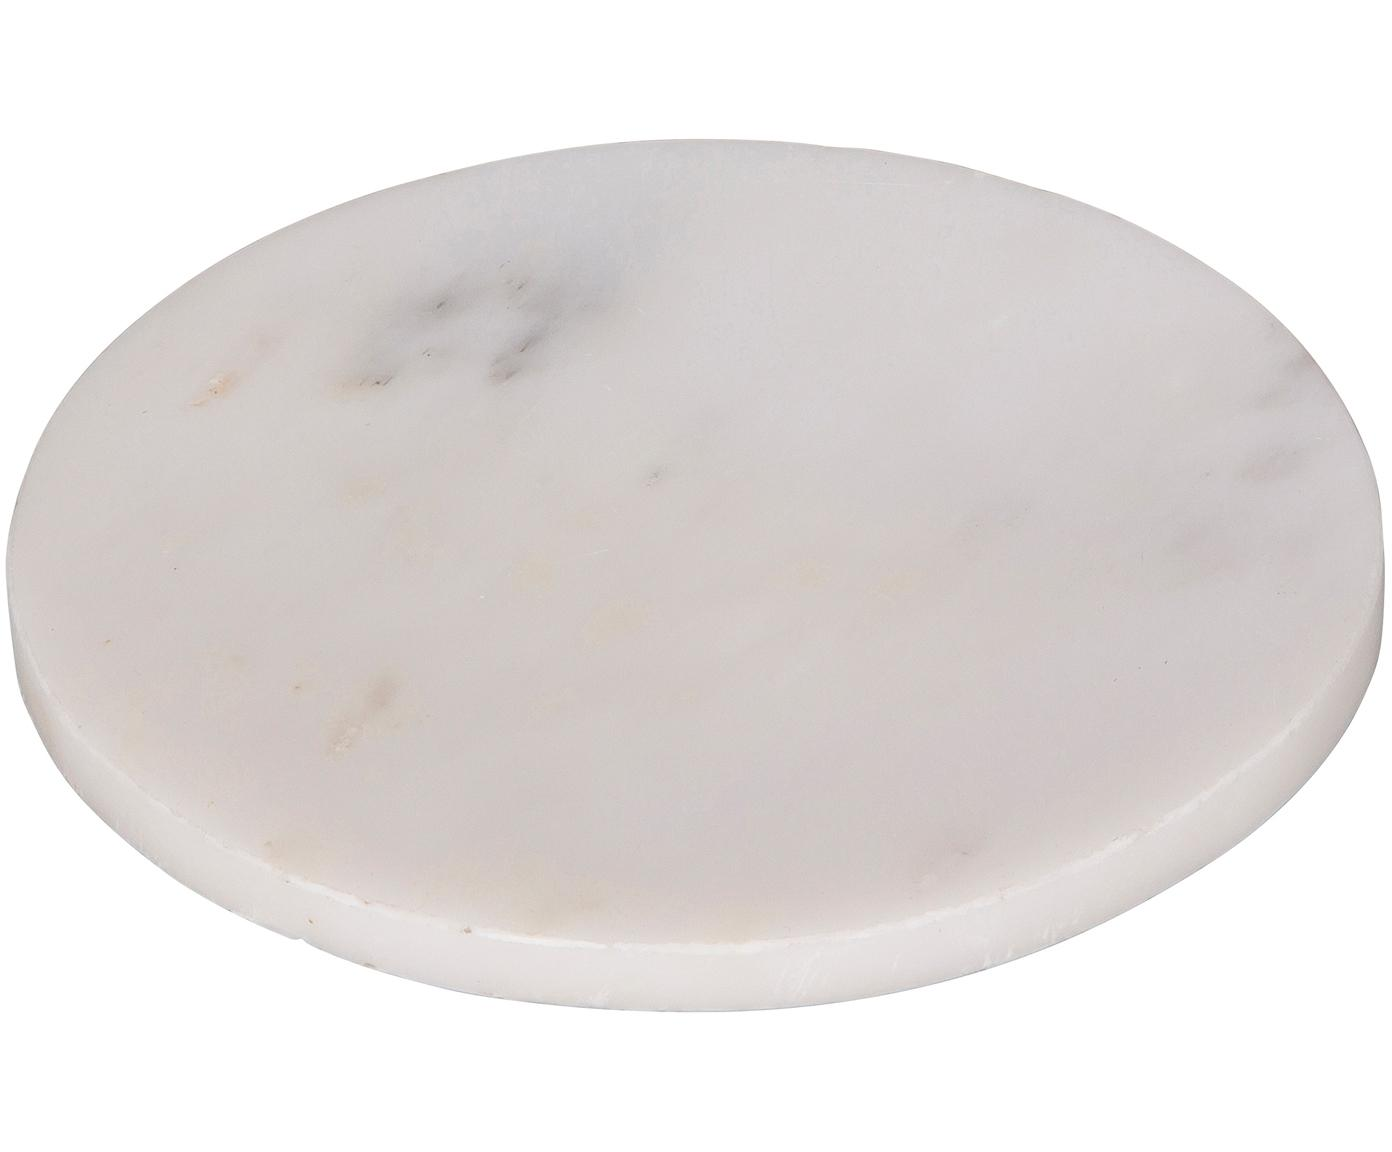 Marmor-Servierplatte Marble, Marmor, Weiß, Ø 15 cm